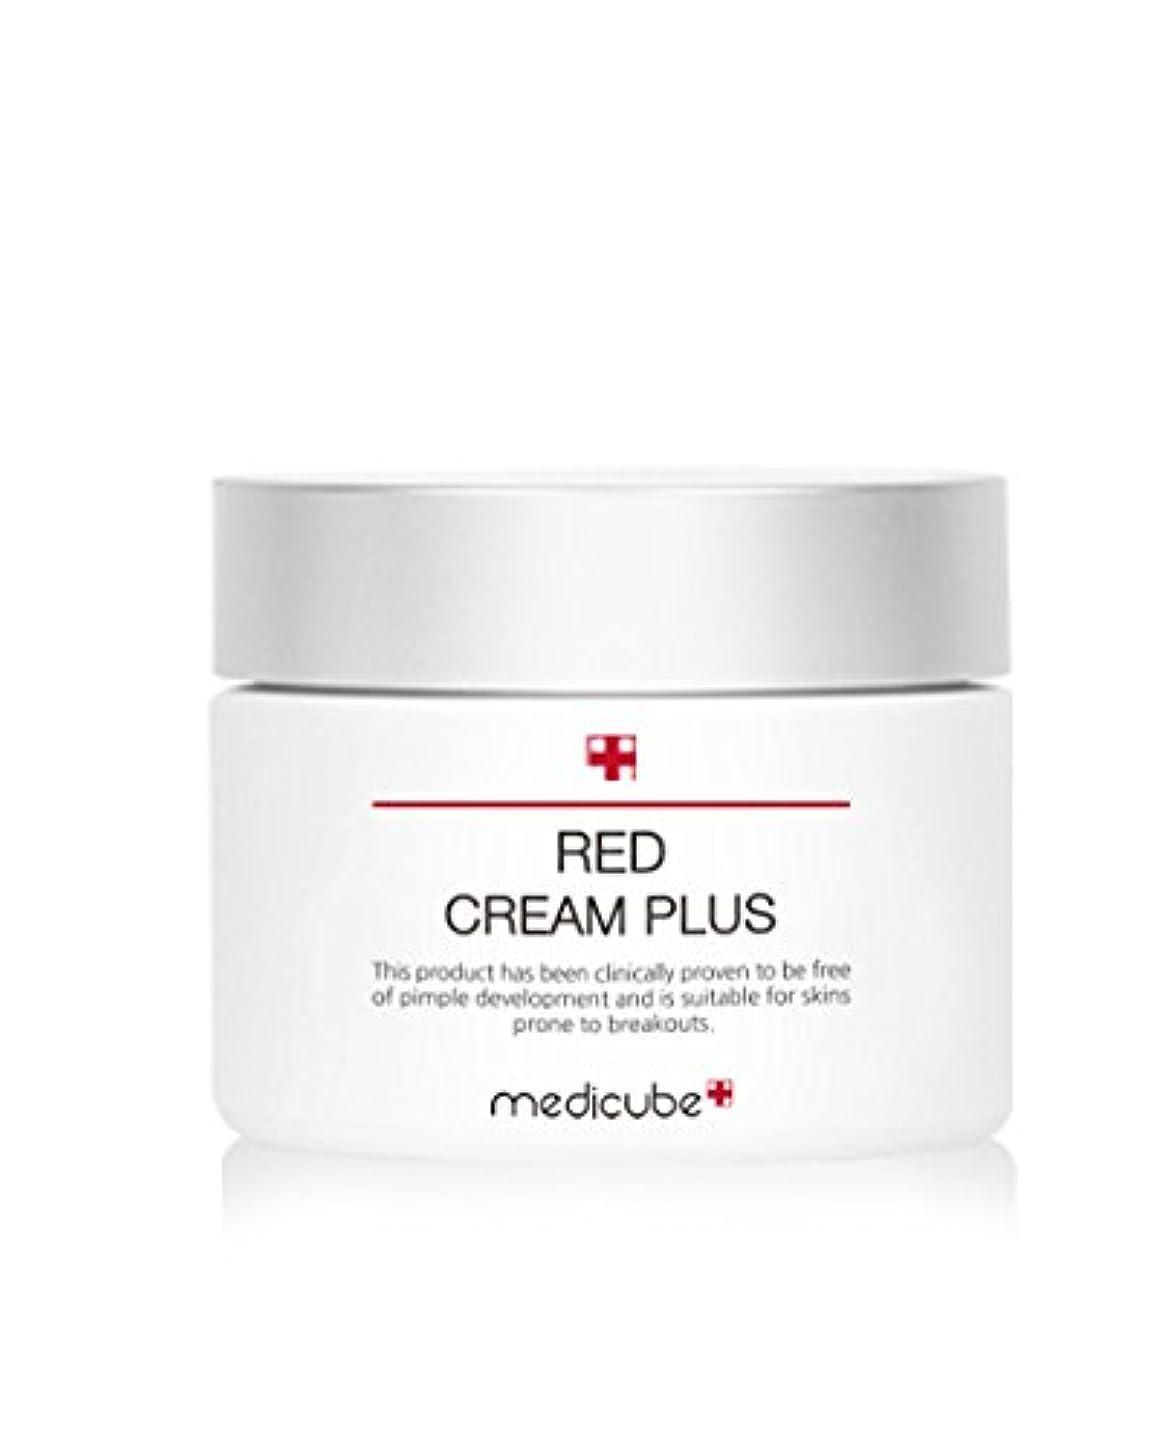 鳴らすとても多くのゆるい[Medicube]メディキューブ レッド クリーム プラス 大容量 100ml / Medicube Red Cream Plus 100ml [並行輸入品]